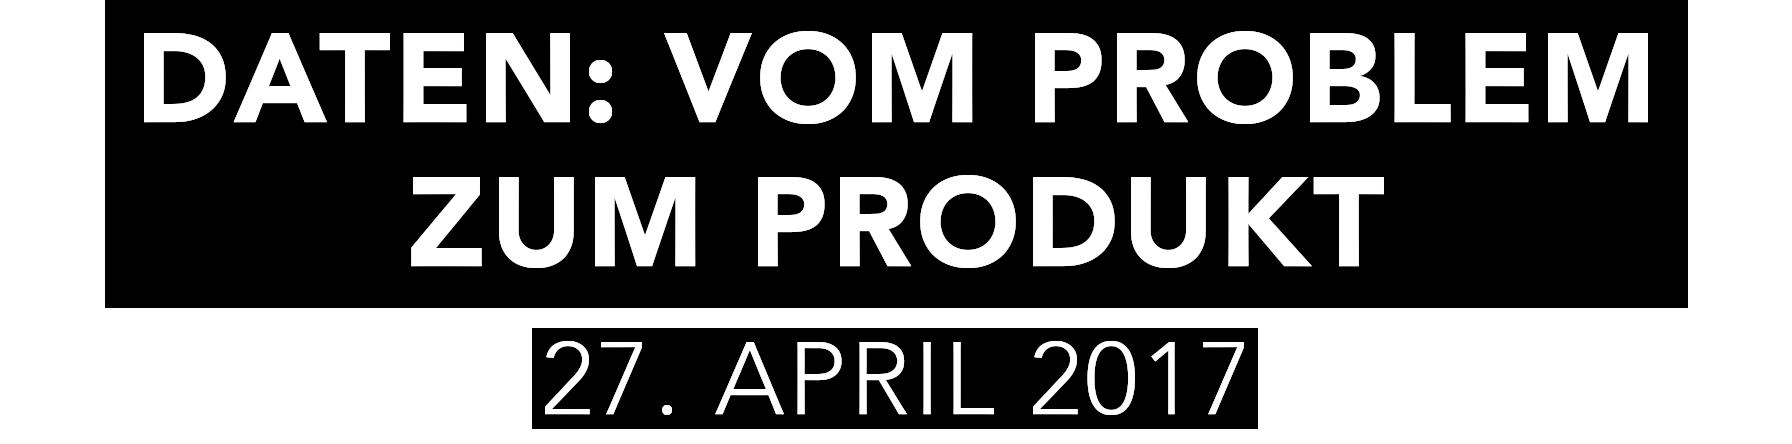 Daten: Vom Problem Zum Produkt